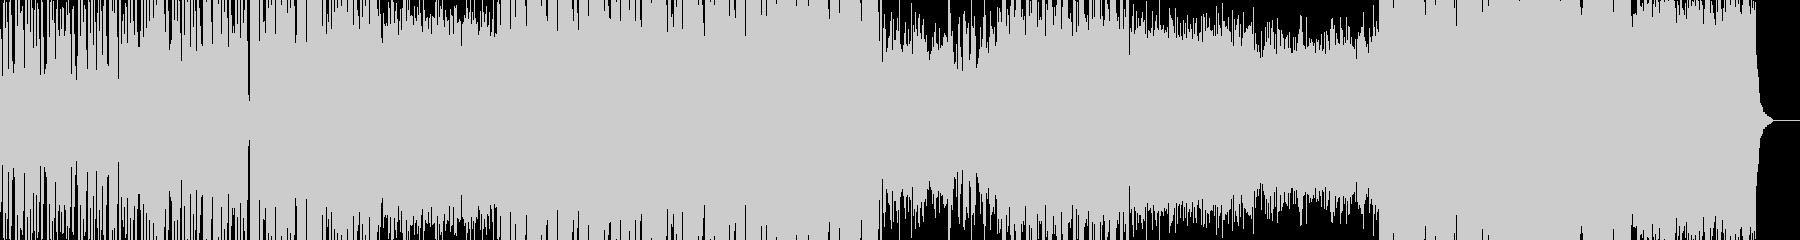 和風のヒップホップの未再生の波形